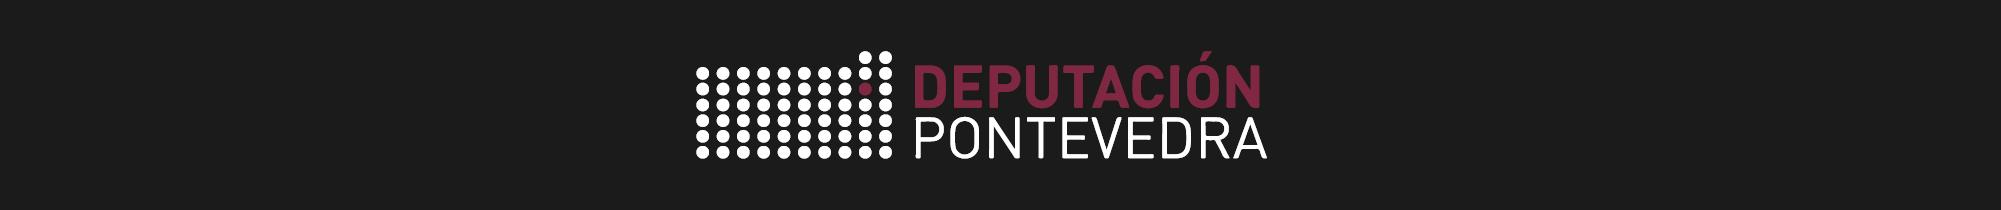 Patrocinio Deptación de Pontevedra